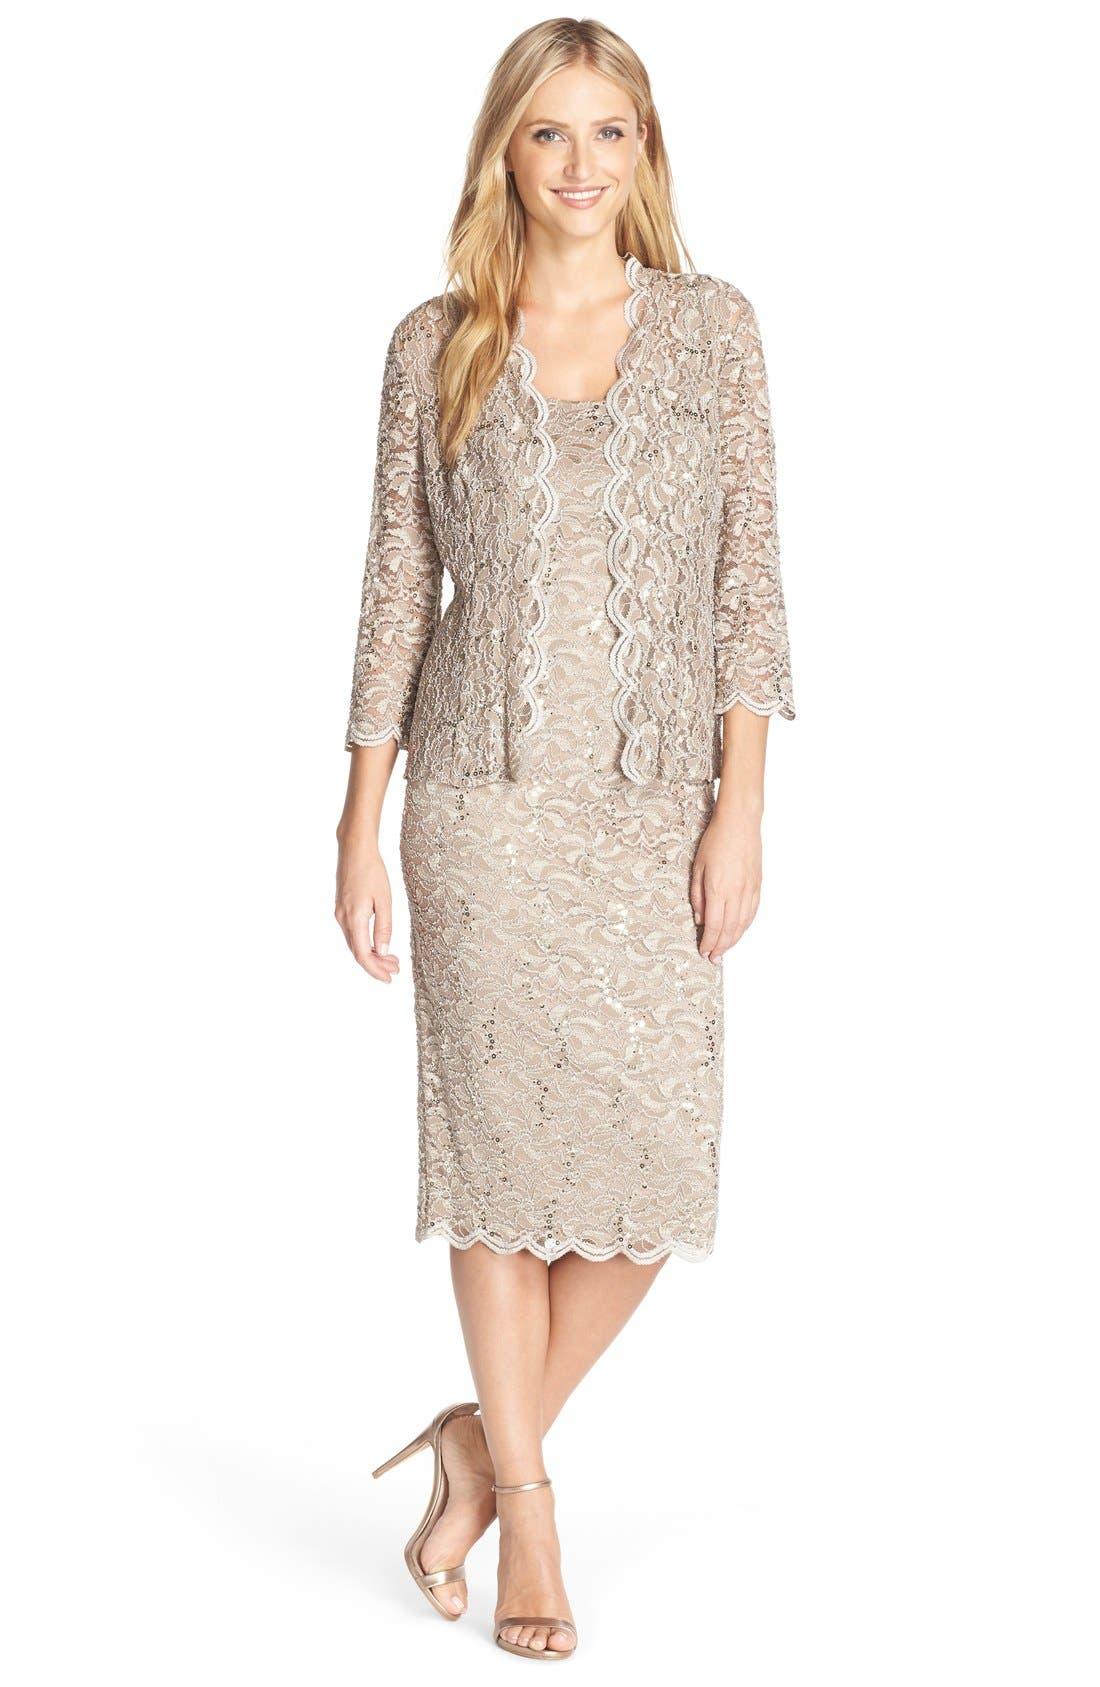 Petite Alex Evenings Lace Dress & Jacket, Beige